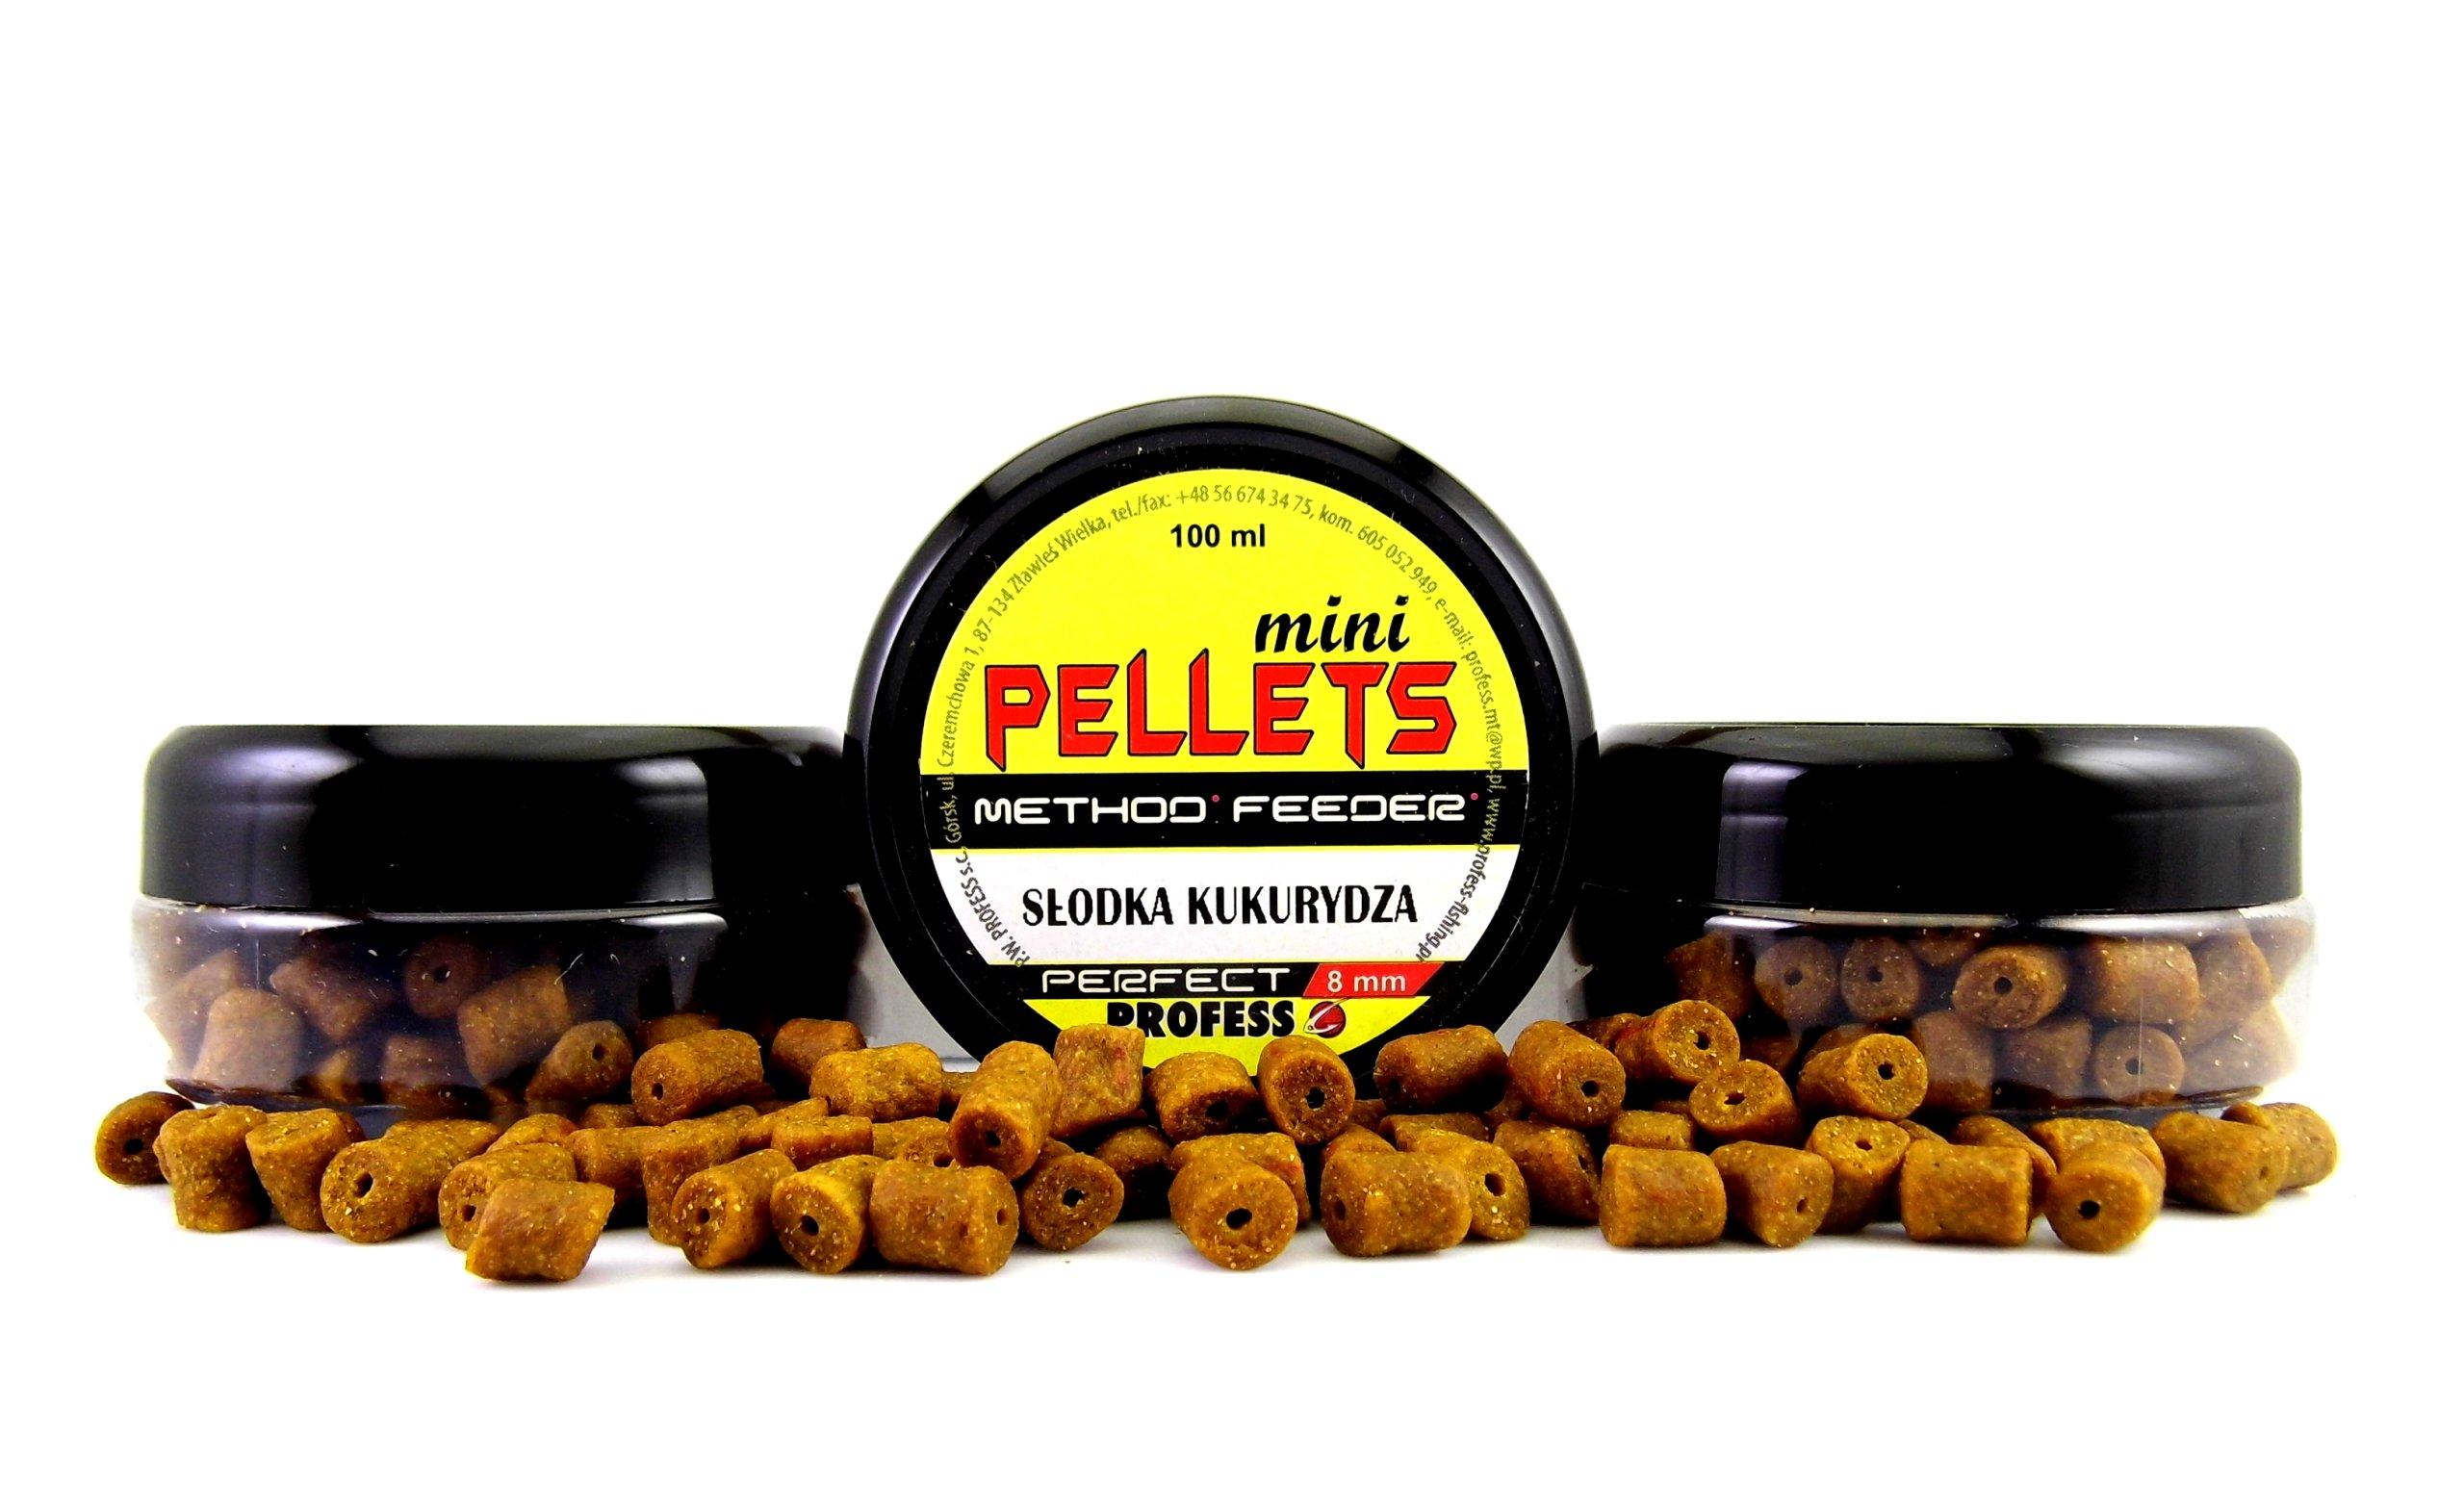 PROCES MINI PELLETA METÓDA - SWEET CORT 8MM